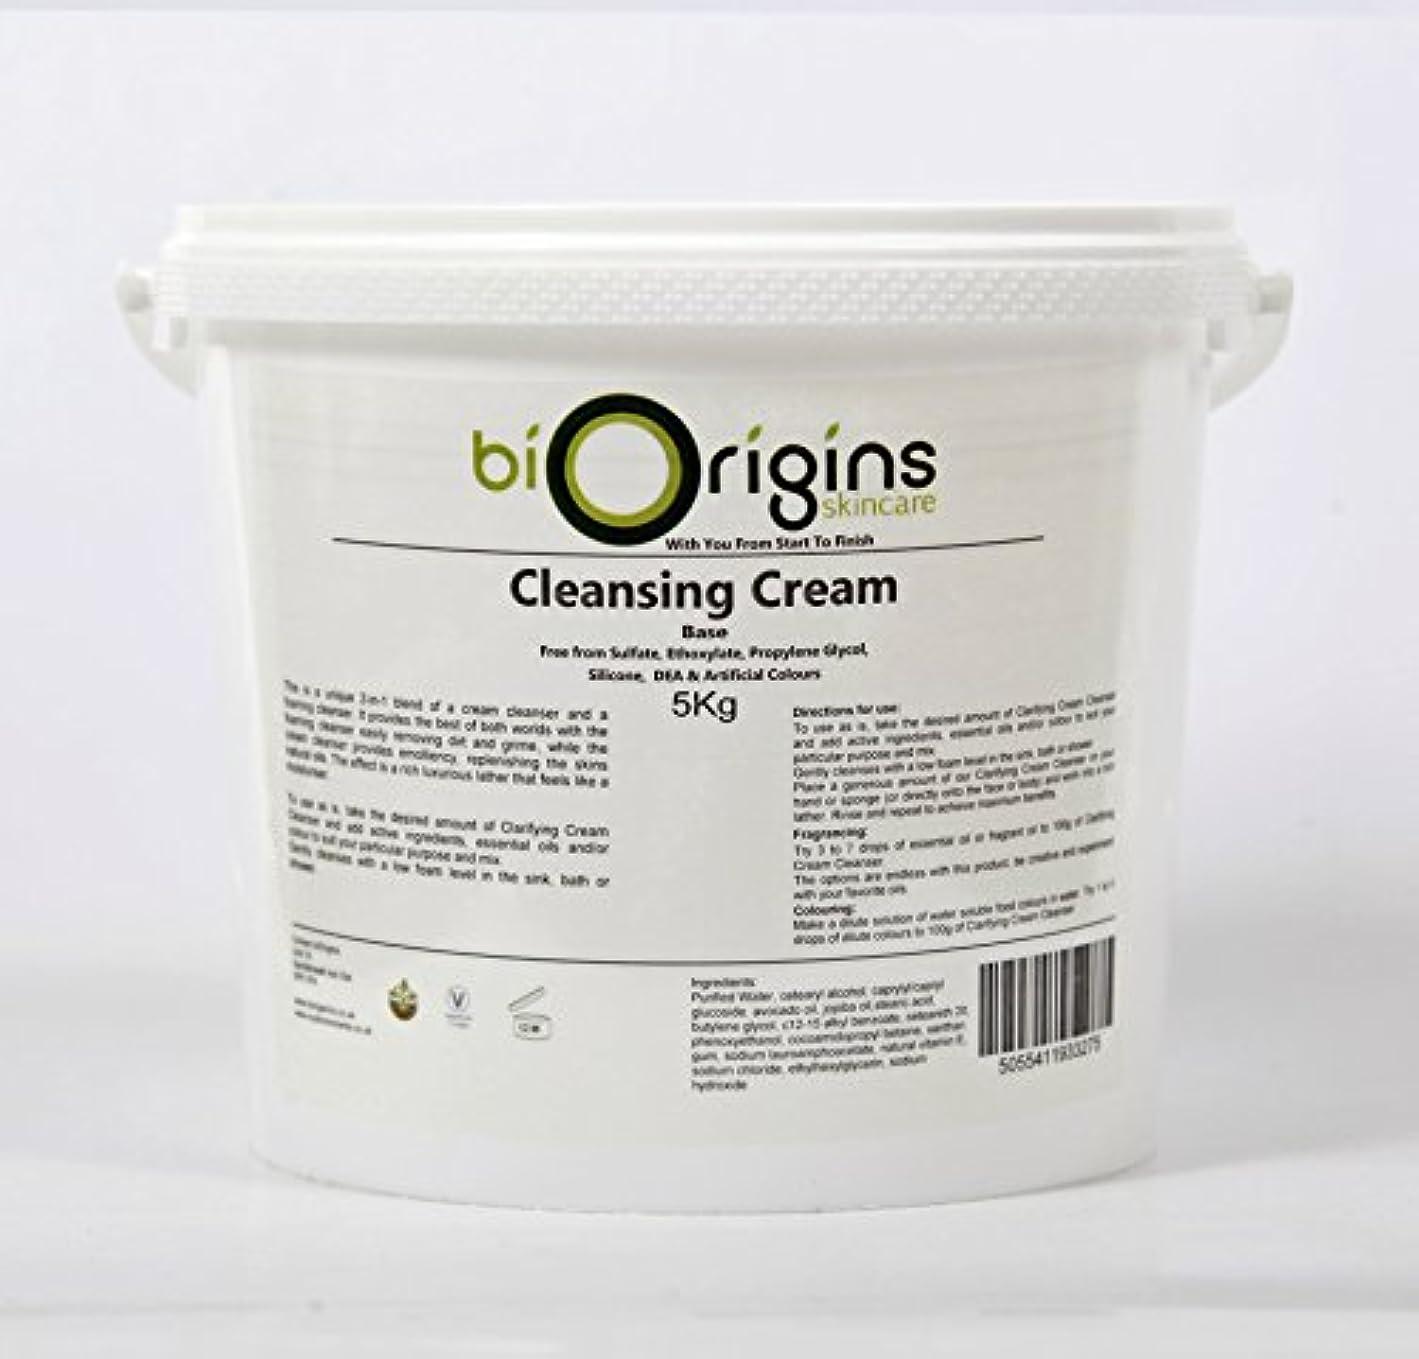 空ポインタ滅多Clarifying Cleansing Cream - Botanical Skincare Base - 5Kg